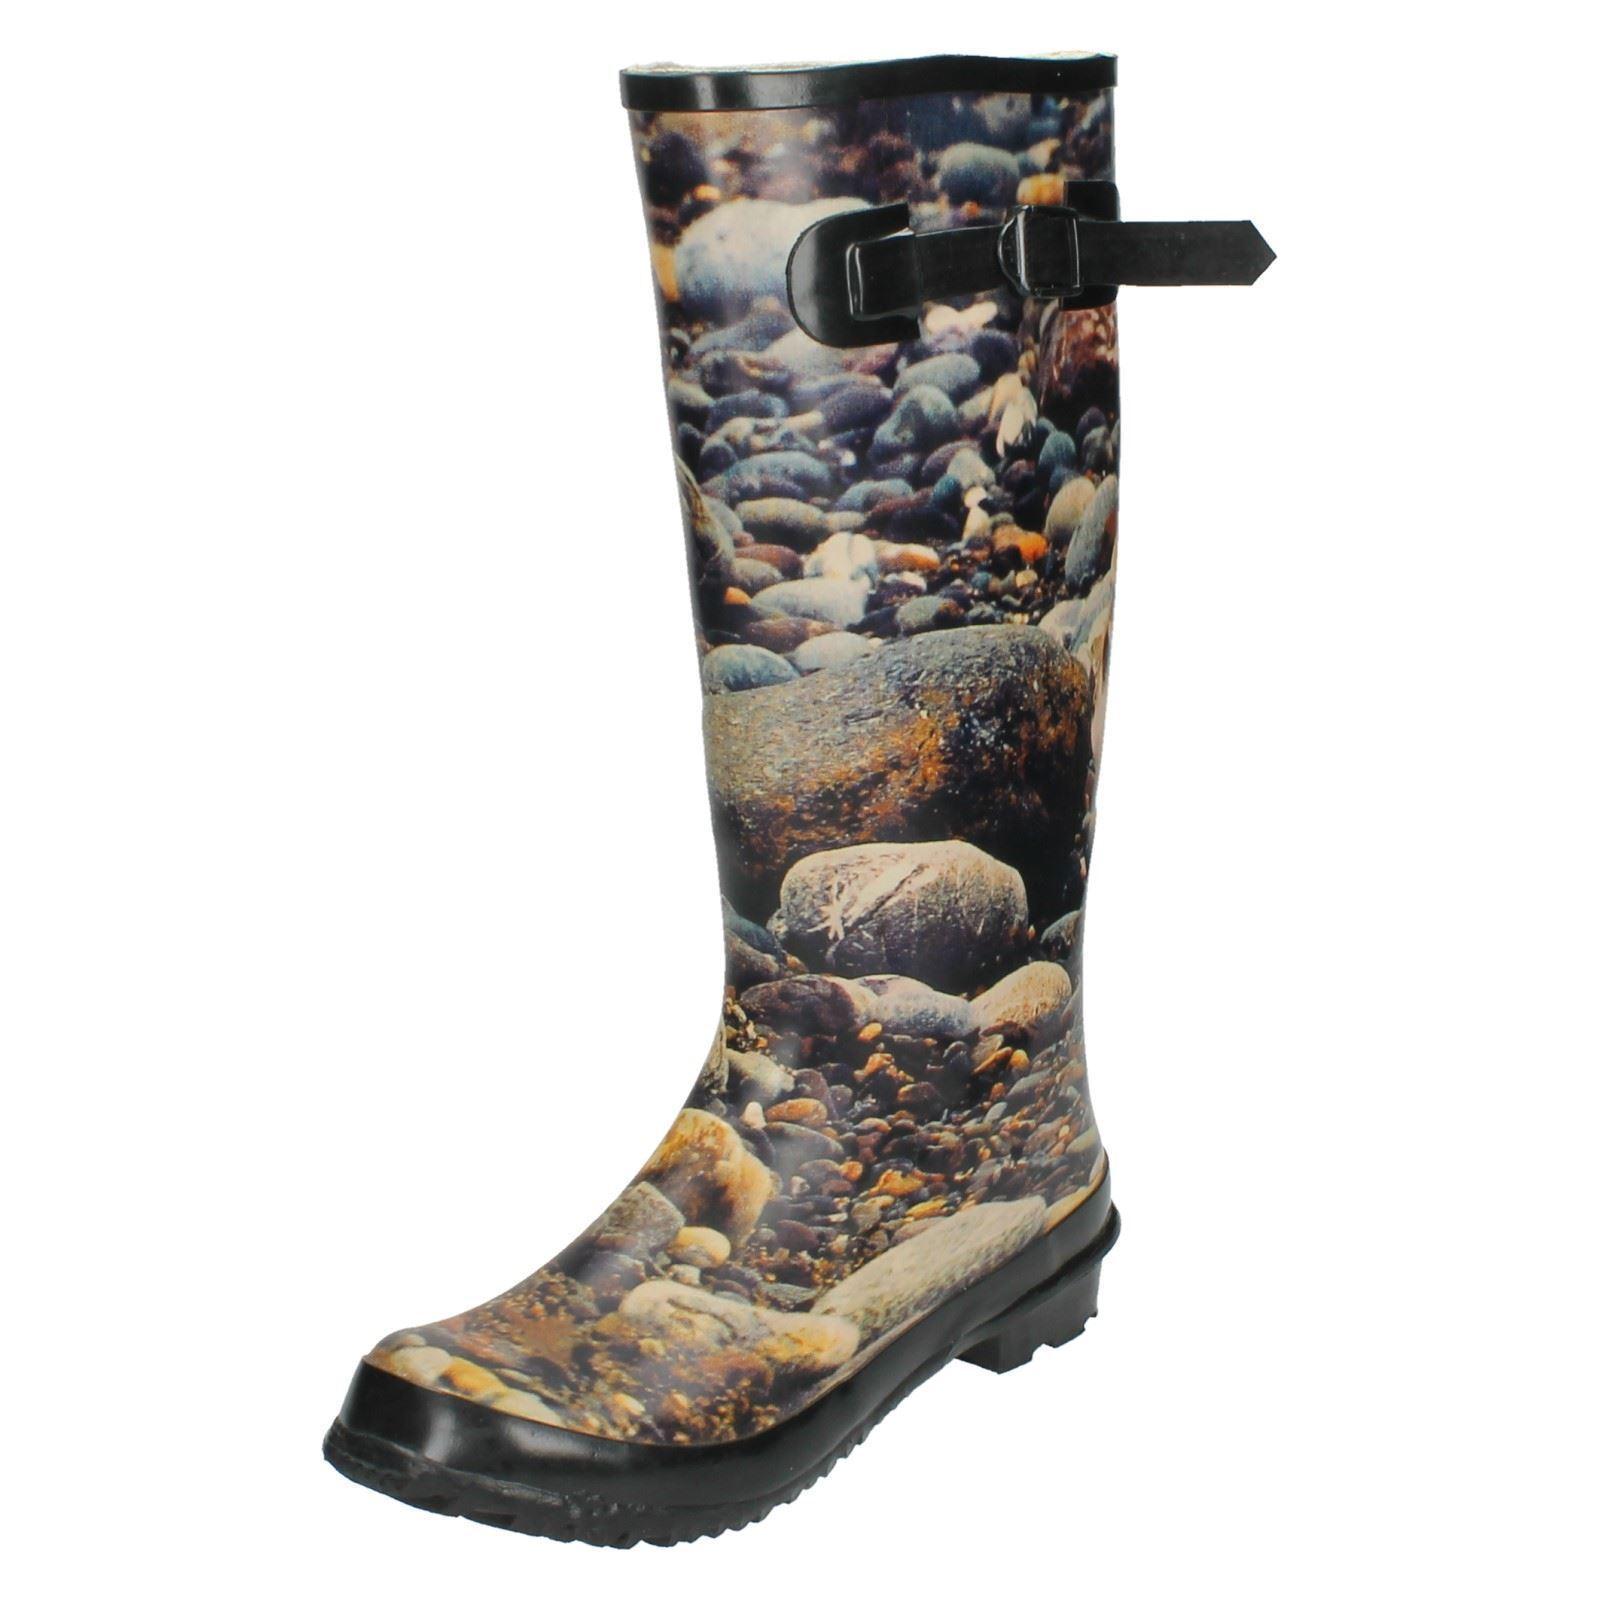 Hombre Piedra Wellington Botas Botas de Agua Botas X1013 Botas Botas de Lluvia de Goma 2f2abb